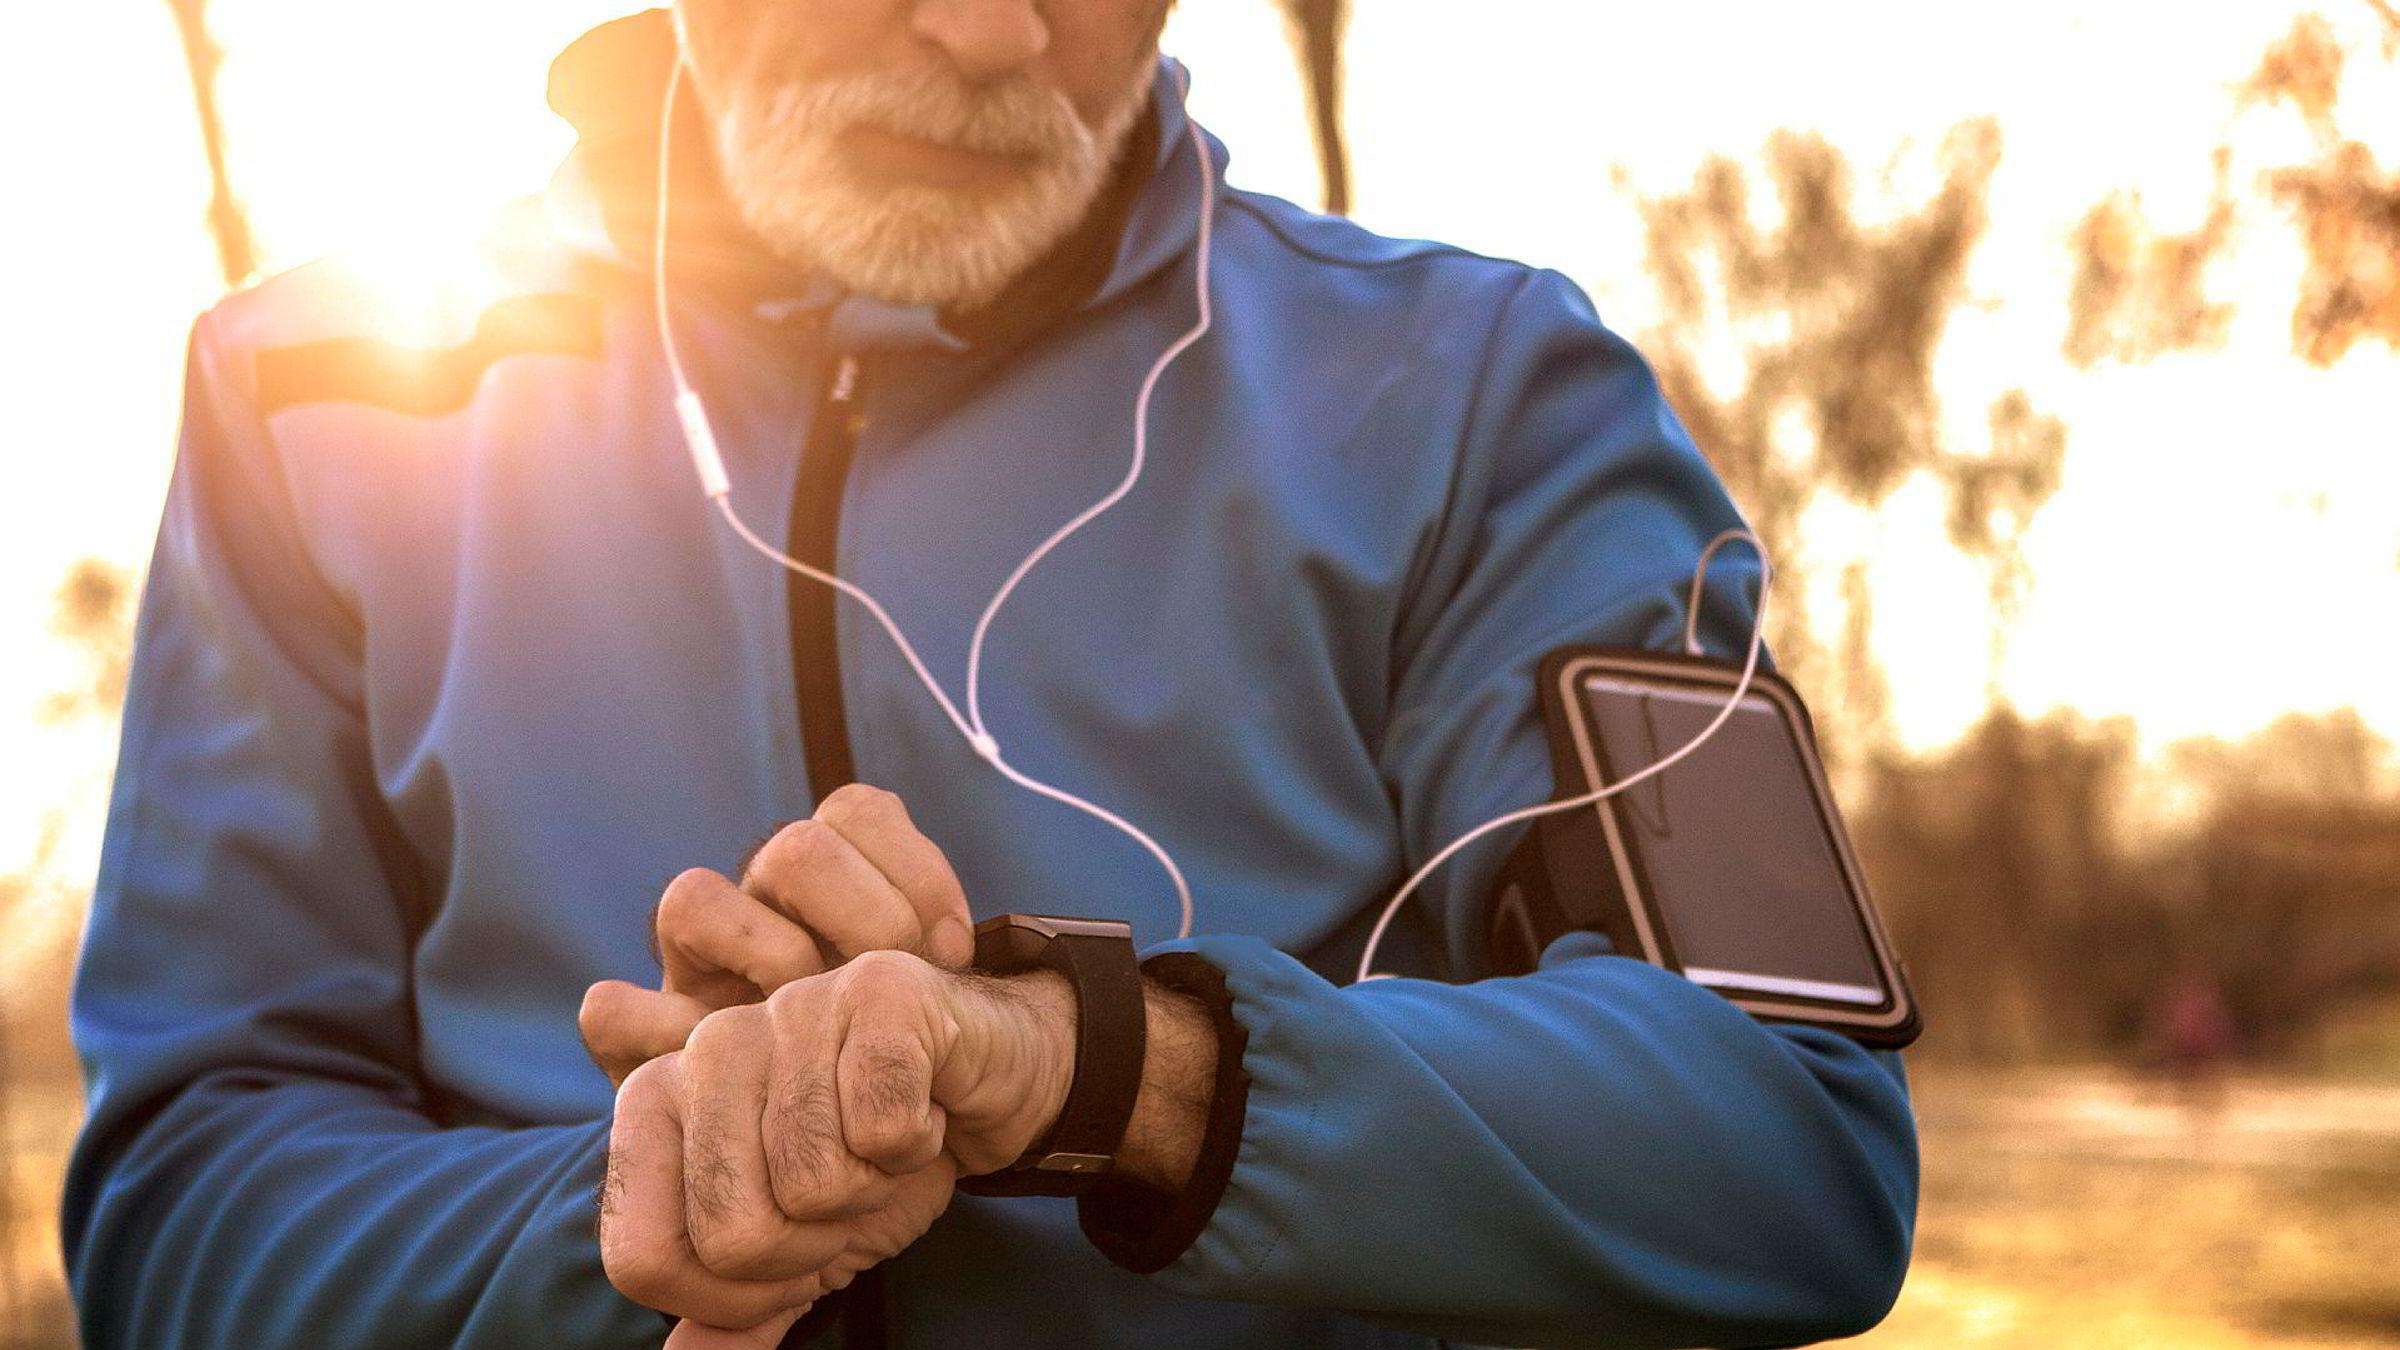 Når folk drar hjem etter en hofteoperasjon, og rekonvalesensen er over, kan apper i telefonen deres registrere hvor mange skritt de går, pluss det øvrige bevegelsesmønsteret, skriver artikkelforfatterne.